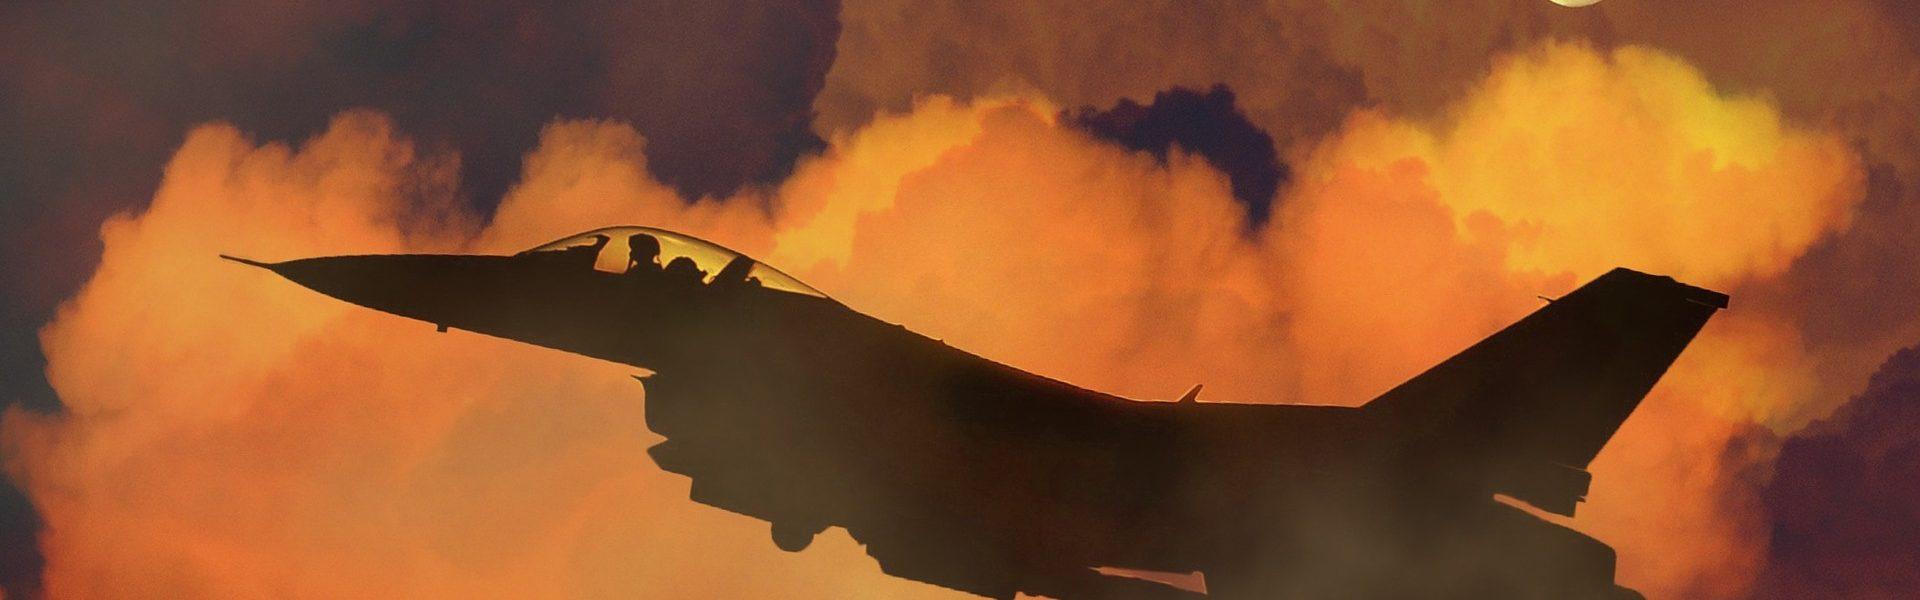 samolot unoszący się w oparach smogu